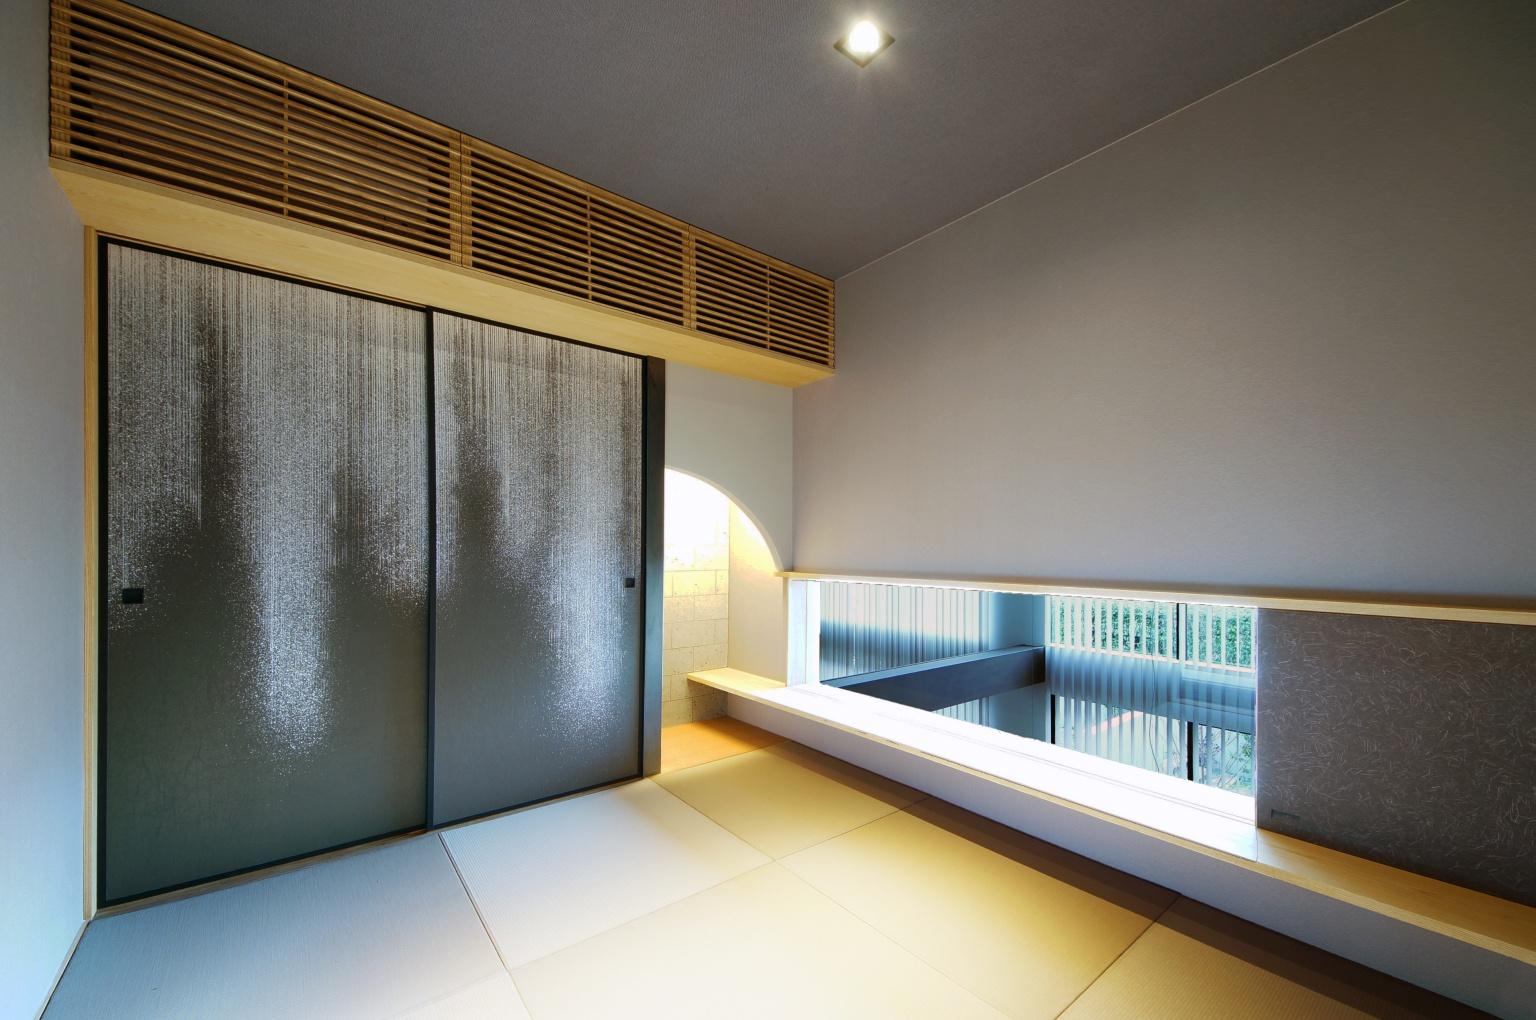 畳、床の間、襖のあるシンプルで和モダンな家